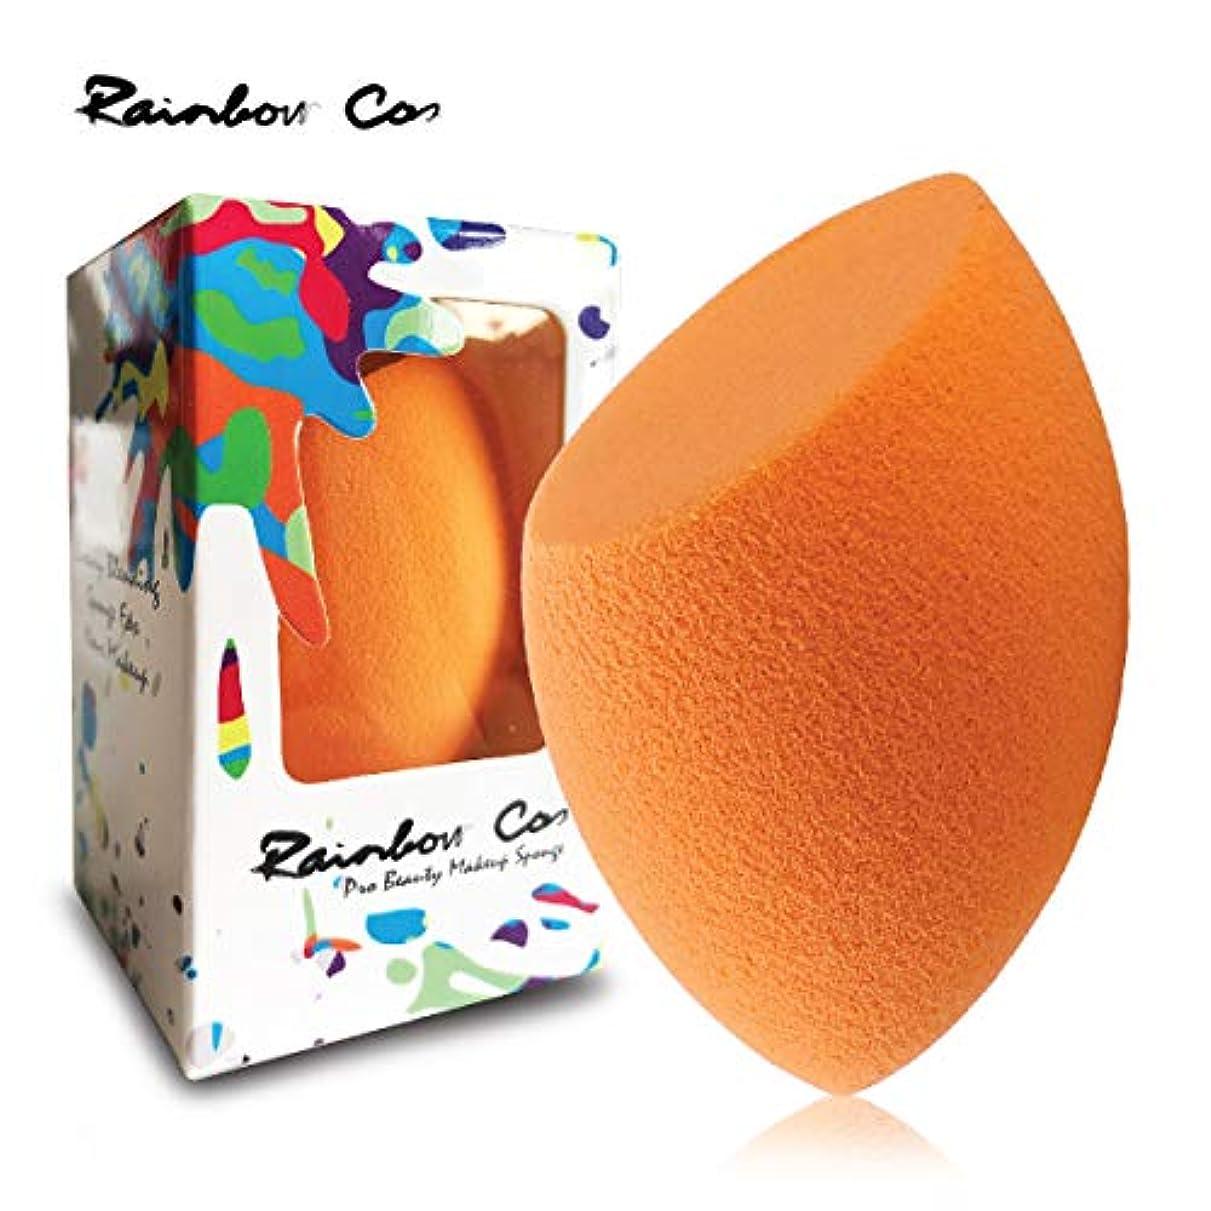 層激怒競うRainbow Cos Premium Flat Edge Olive Sponge Beauty Foundation Sponge Blender for Applicator, Foundation and Highlight 斜めカット メイクスポンジ ファンデーションスポンジ 非ラテックス 乾湿兼用メイクスポンジ